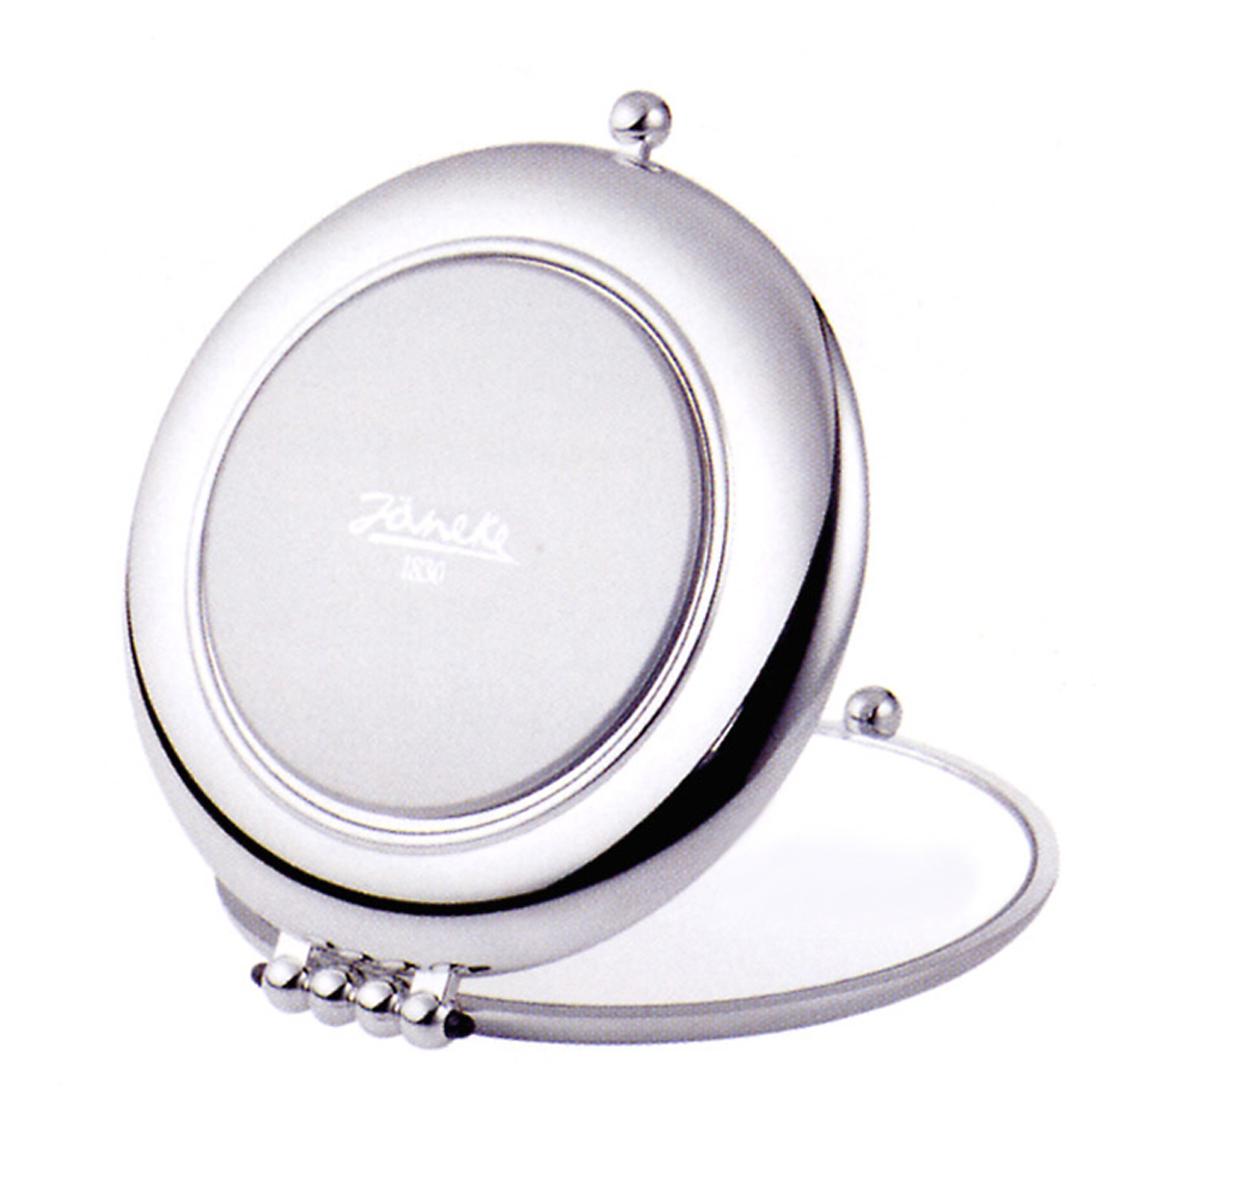 Janeke Зеркало алюминиевое в упаковке D90, AL453.3.573240Марка Janeke – мировой лидер по производству расчесок, щеток, маникюрных принадлежностей, зеркал и косметичек. Марка Janeke, основанная в 1830 году, вот уже почти 180 лет поддерживает непревзойденное качество своей продукции, сочетая новейшие технологии с традициями ста- рых миланских мастеров. Все изделия на 80% производятся вручную, а инновационные технологии и современные материалы делают продукцию марки поистине уникальной. Стильный и эргономичный дизайн, яркие цветовые решения – все это приносит истин- ное удовольствие от использования аксессуаров Janeke. Компактные зеркала Janeke имеют линзы с обычным и трехкратным увеличением, которые позволяют быстро и легко поправить макияж в дороге. А благодаря стильному дизайну и миниатюрному размеру компактное зеркало Janeke станет любимым аксессуаром любой женщины.